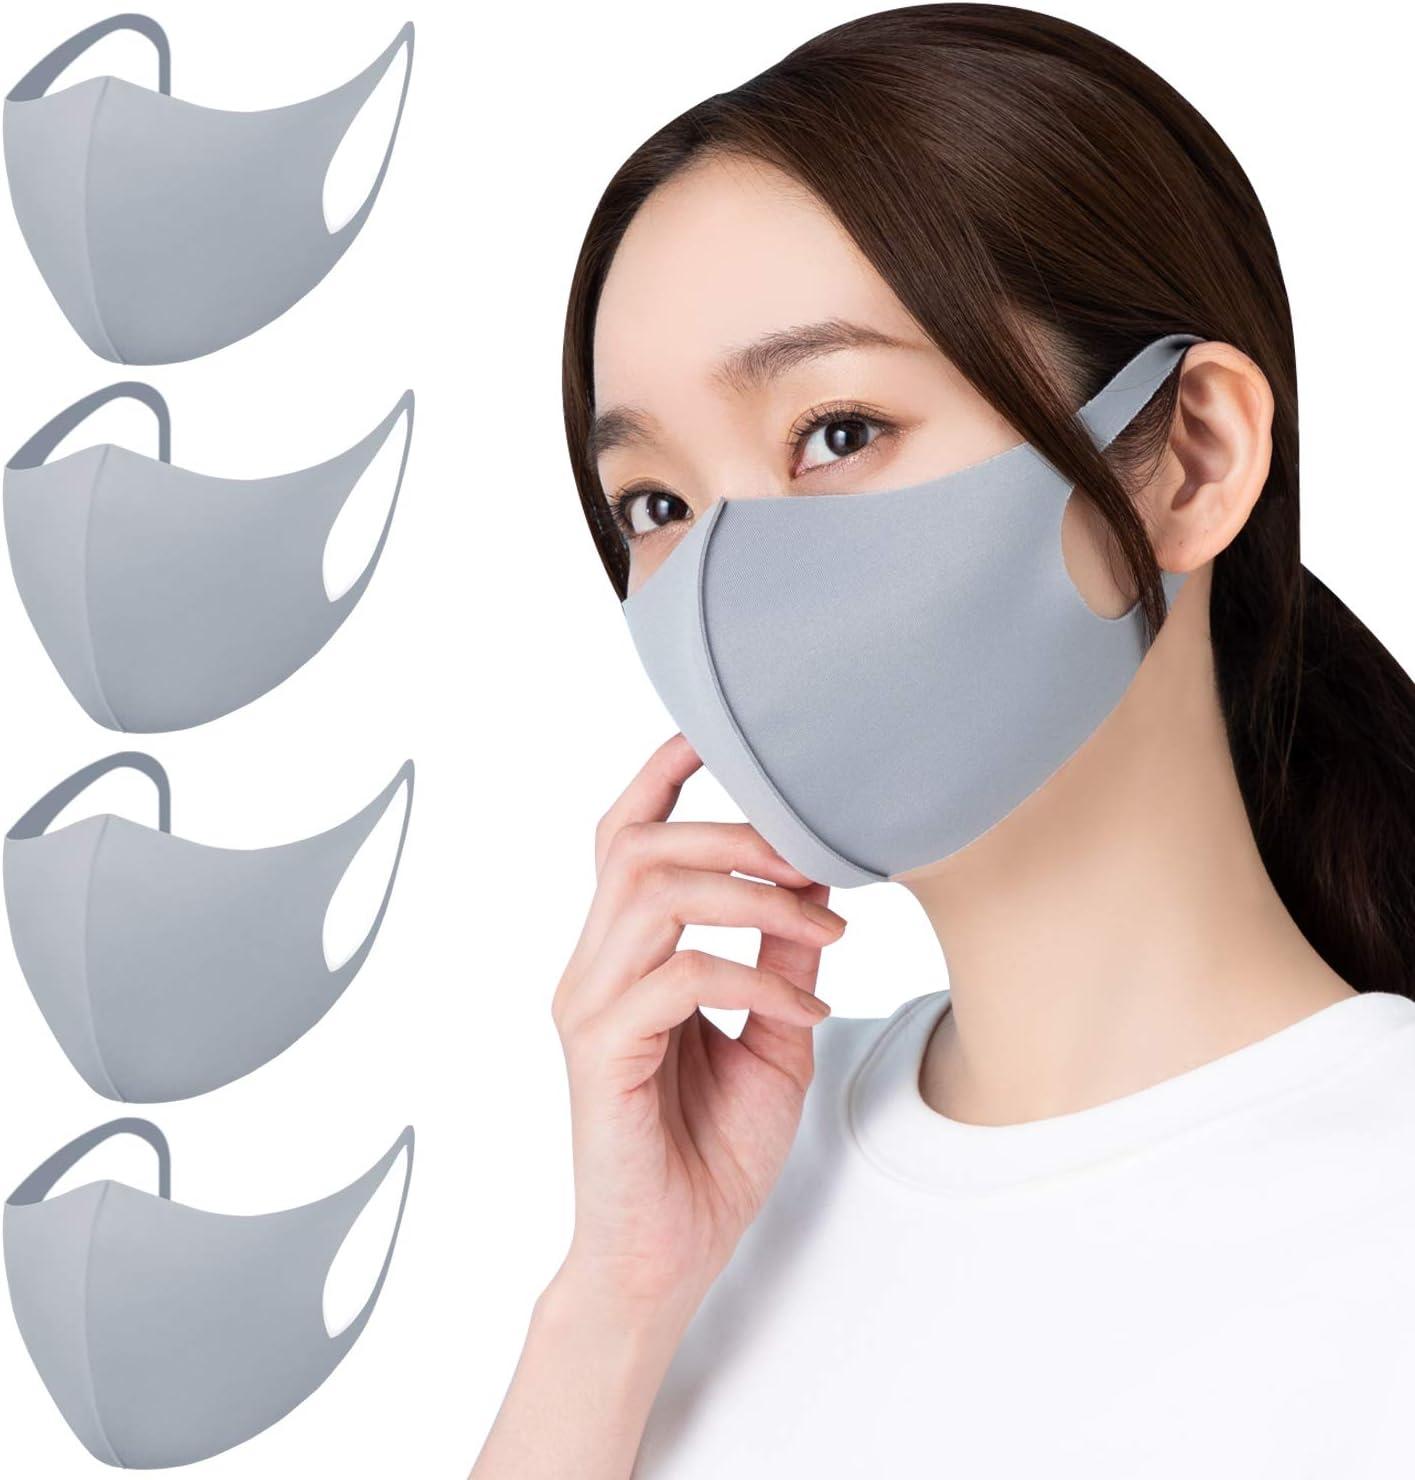 マスク ひんやり 4枚組 男女兼用 フィット感 耳が痛くなりにくい 呼吸しやすい 伸縮性抜群 立体構造 丸洗い 繰り返し使える Home Cocci (Lサイズ4枚組, グレー)